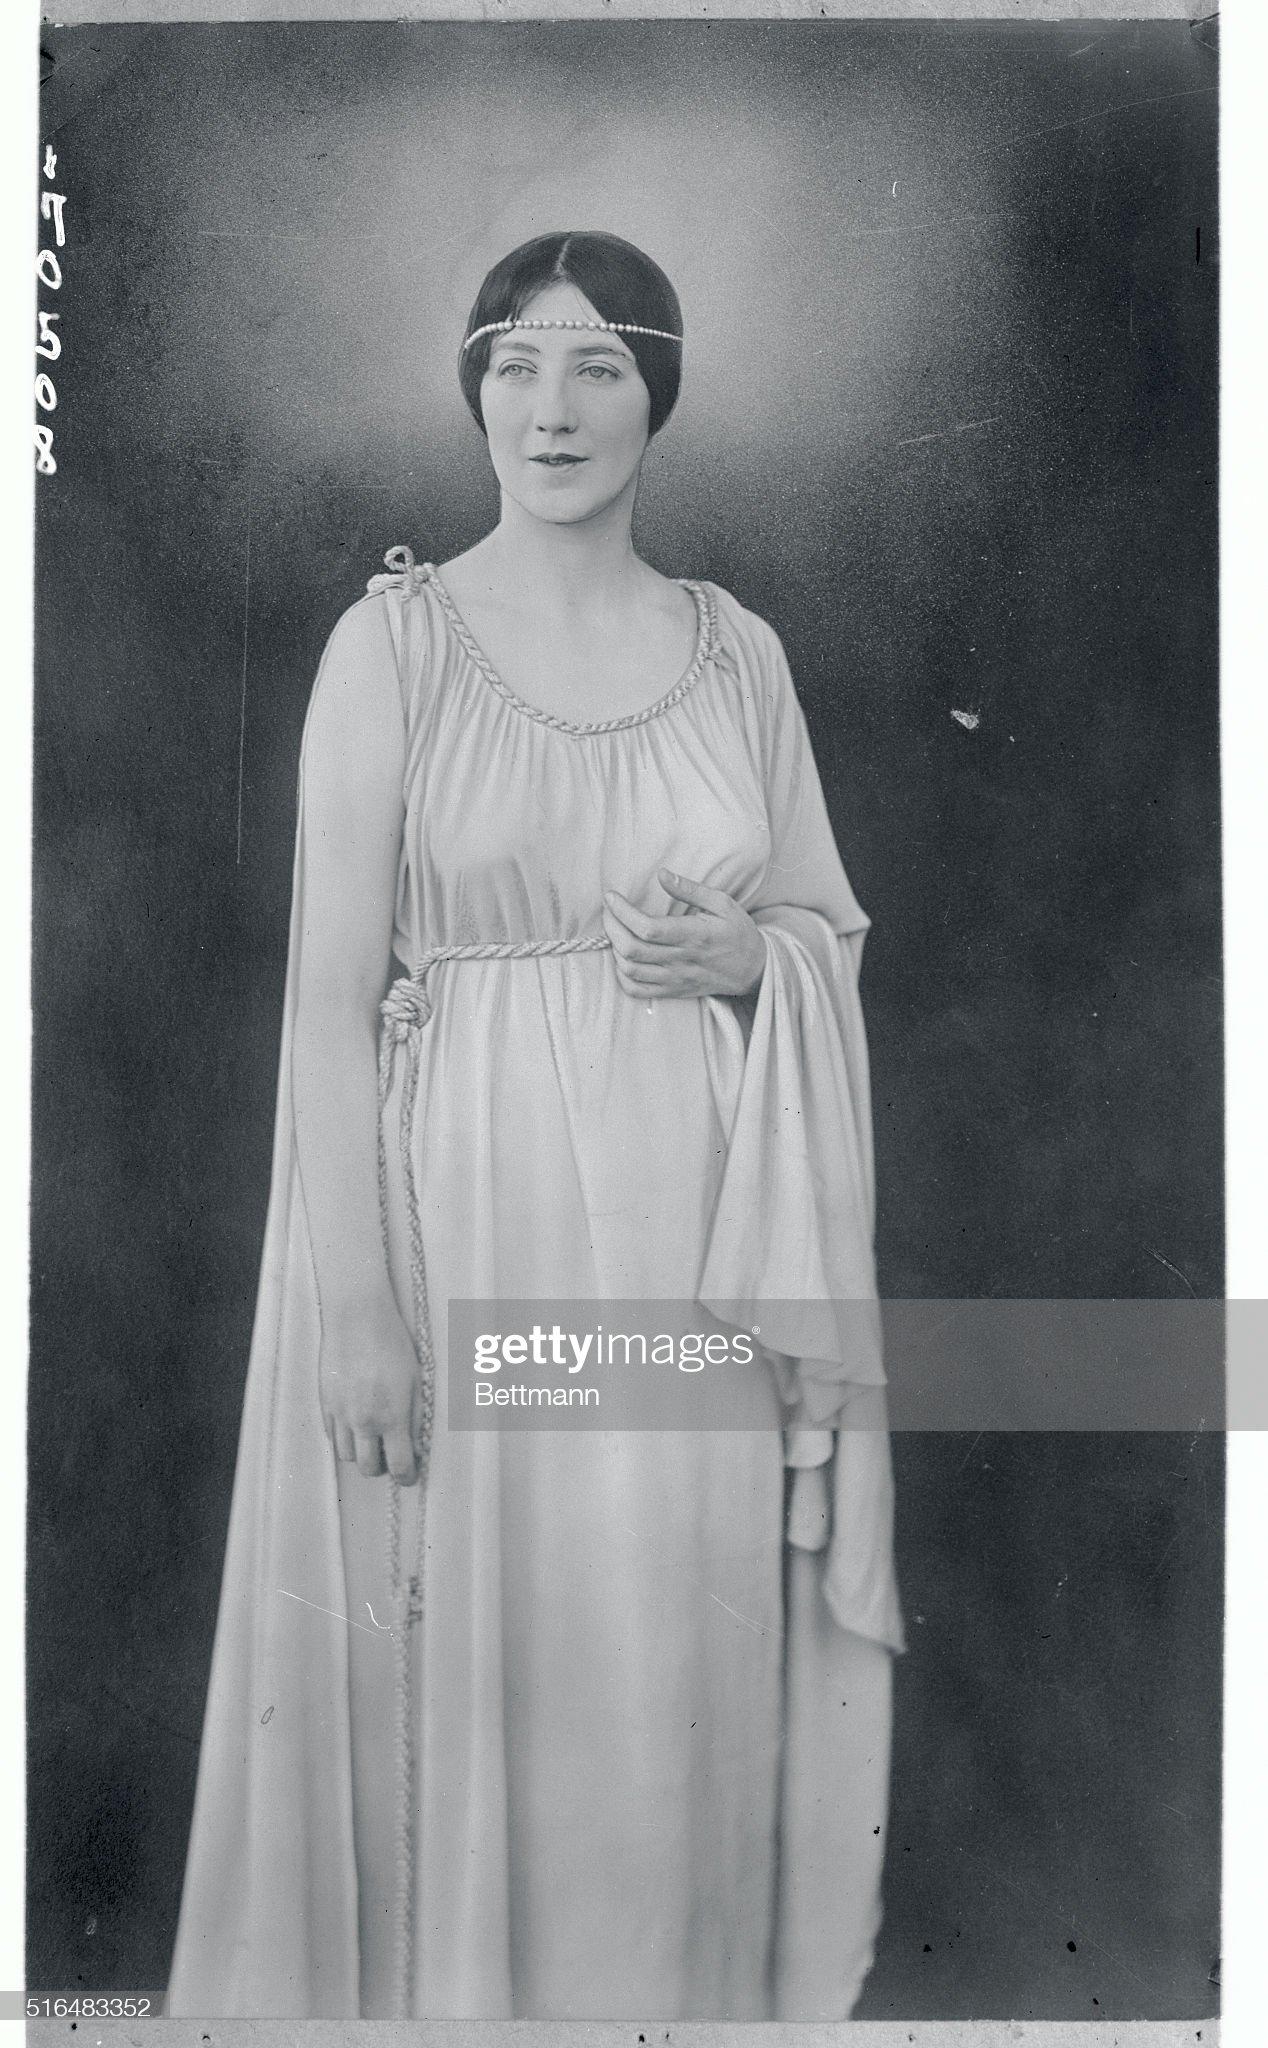 Portrait of Audrey Munson : Nachrichtenfoto